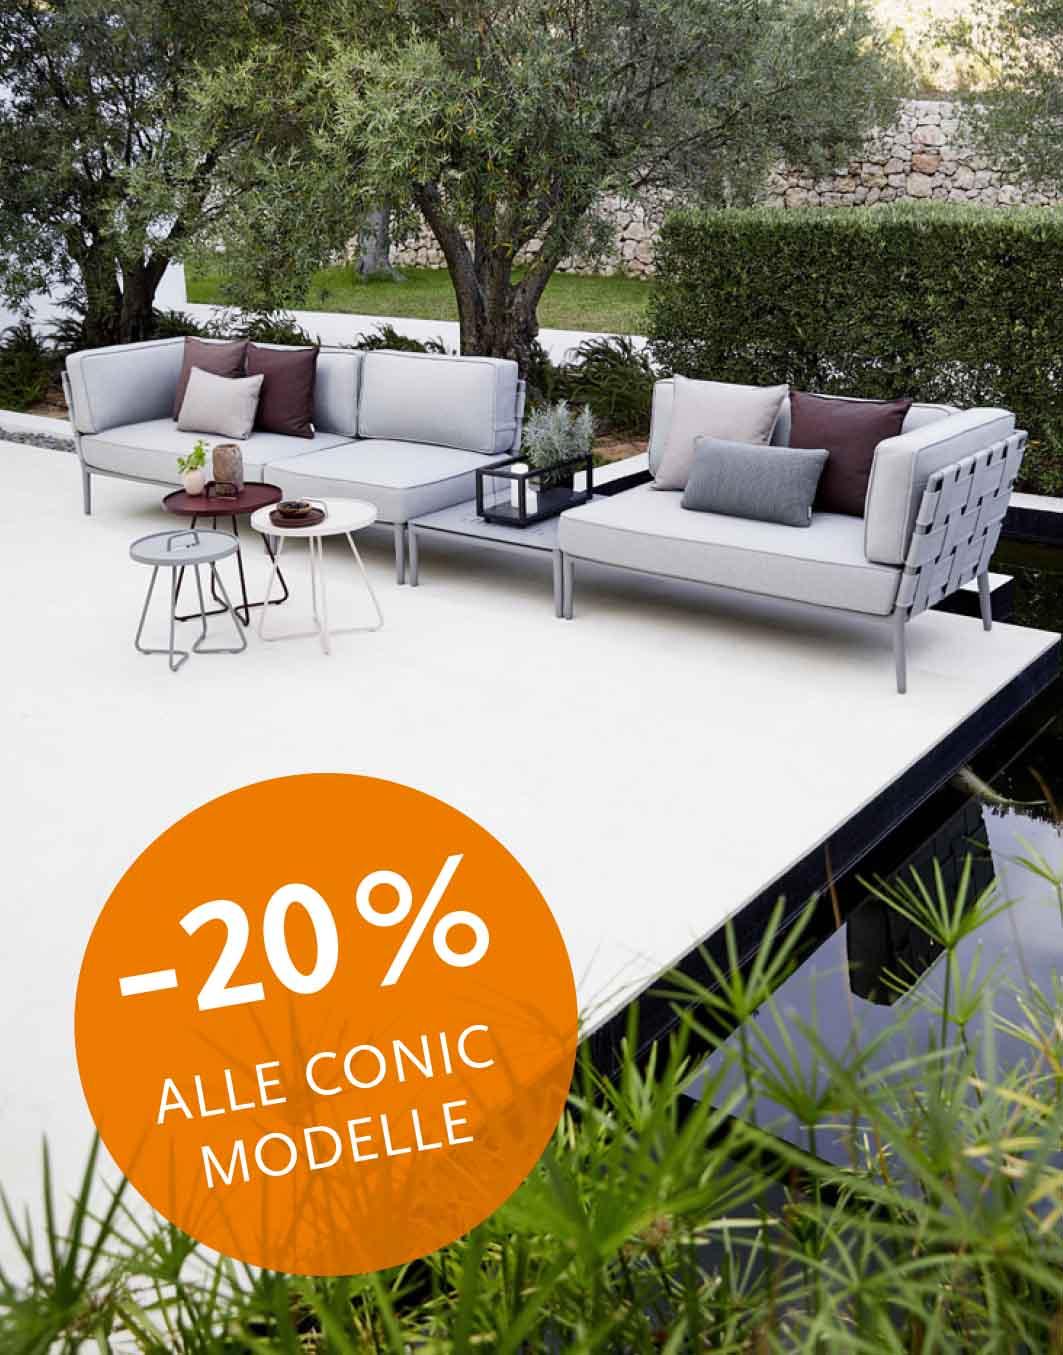 Full Size of Conic Modulsofa Von Cane Line Walli Gartenmbel Online Shop Wohnzimmer Couch Terrasse